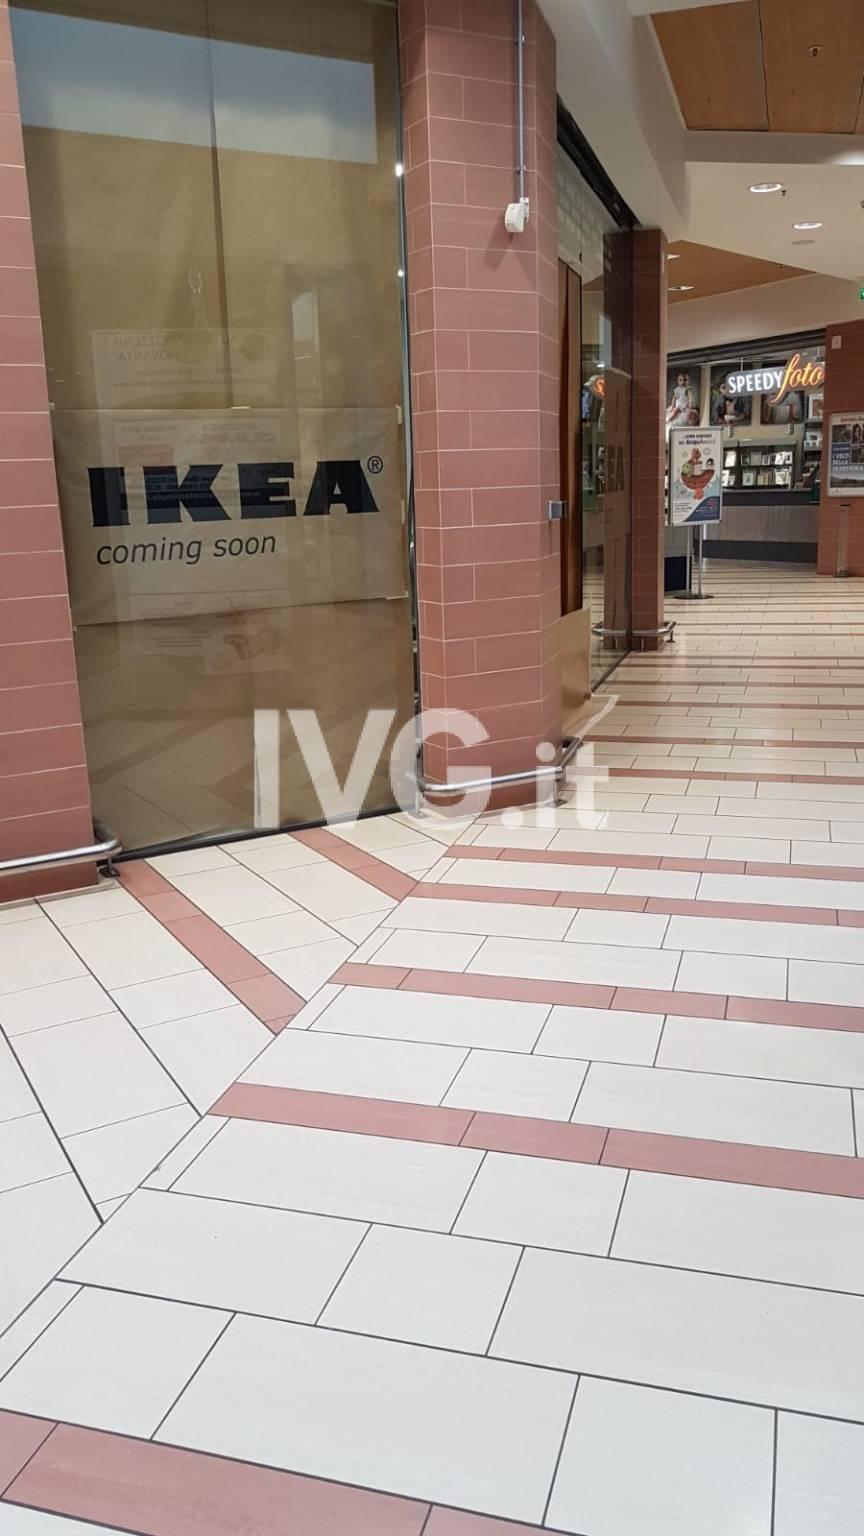 Ikea Albenga